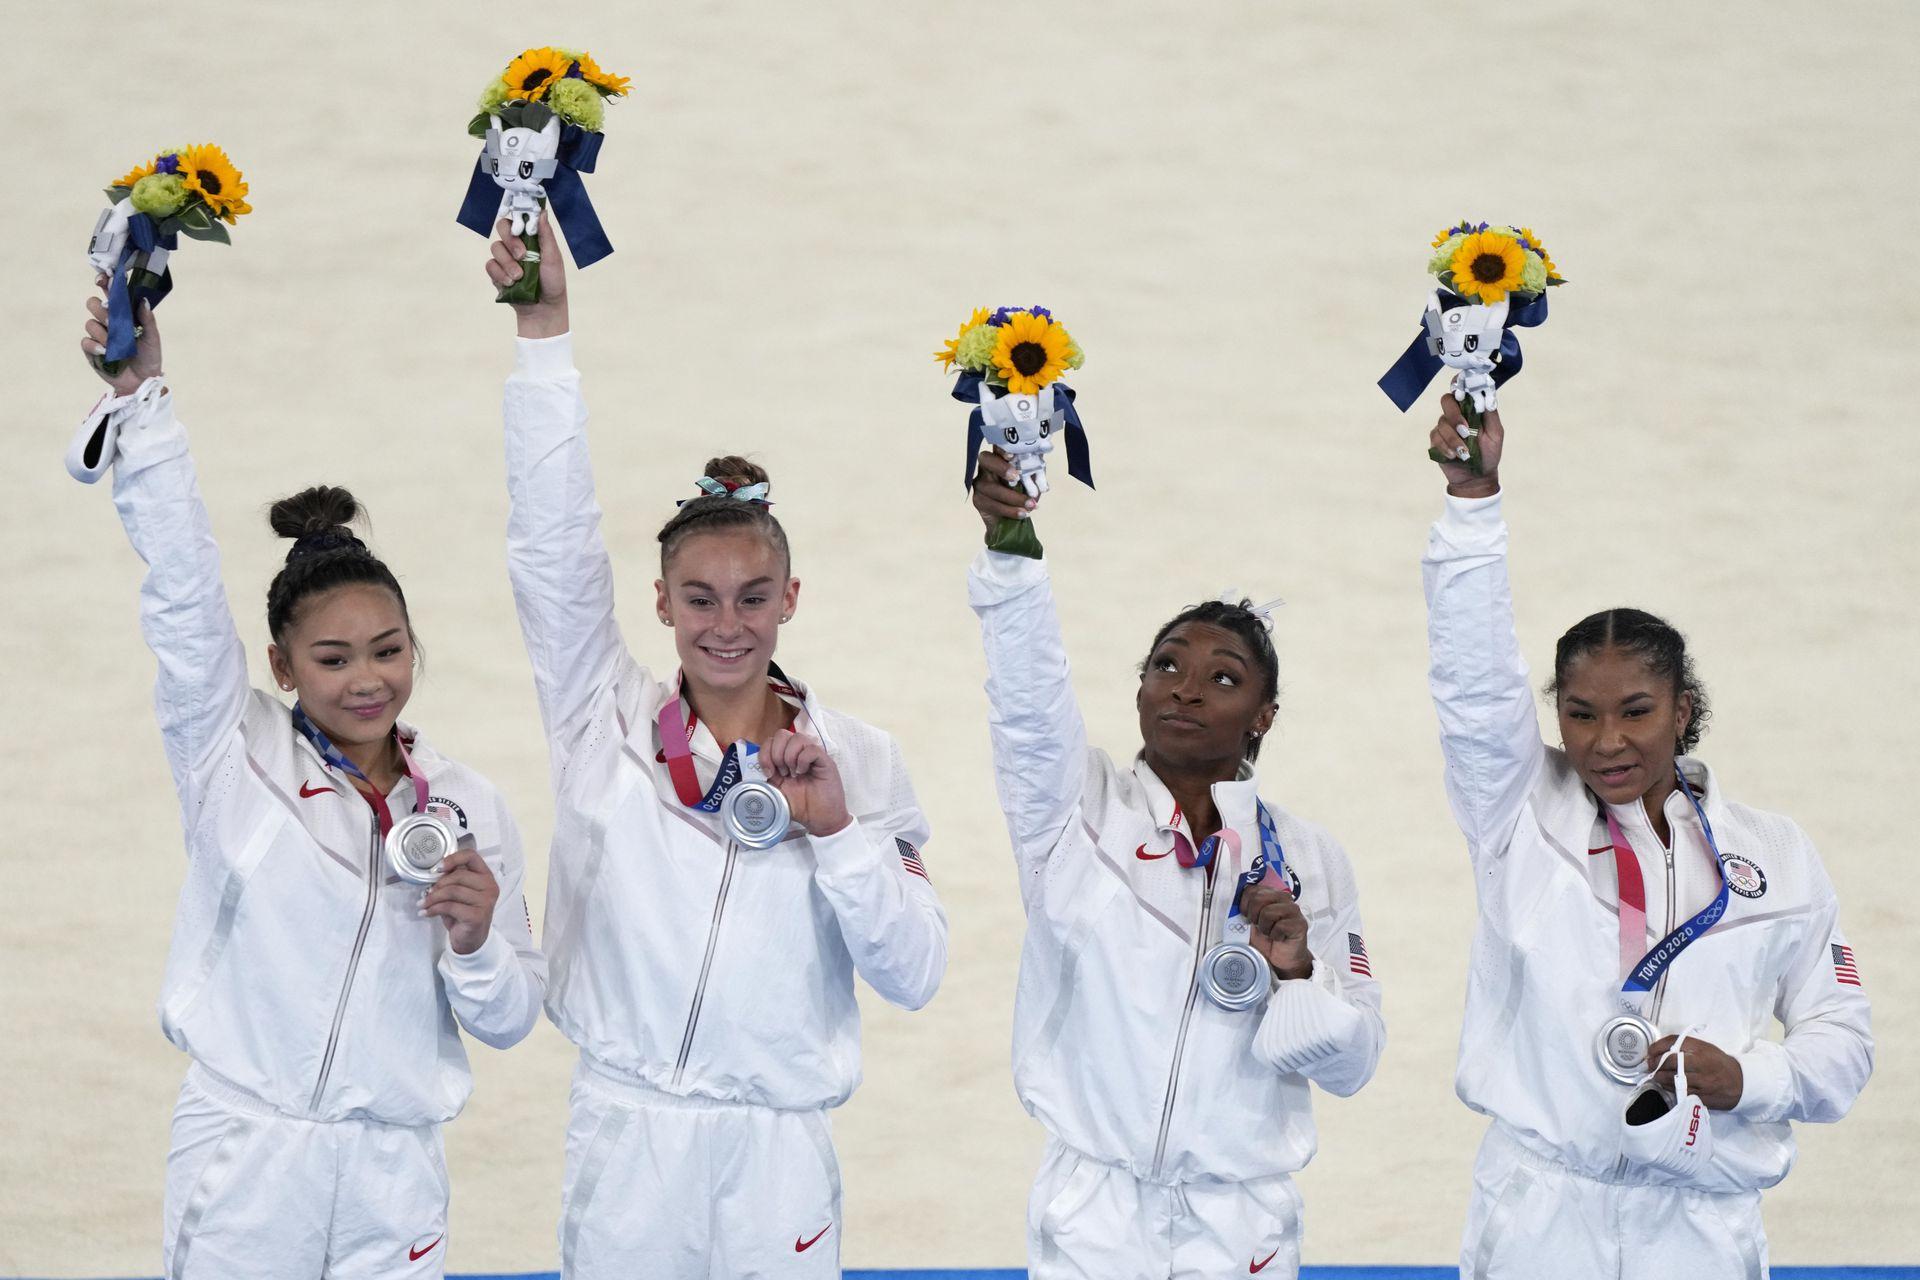 Los miembros del equipo femenino de gimnasia artística de Estados Unidos, de izquierda a derecha, Sunisa Lee, Grace McCallum, Simone Biles y Jordan Chiles celebran en el podio luego de ganar la medalla de plata en el equipo artístico femenino de los Juegos Olímpicos de Verano de 2020, el martes 27 de julio de 2021, en Tokio. (Foto AP / Natacha Pisarenko)